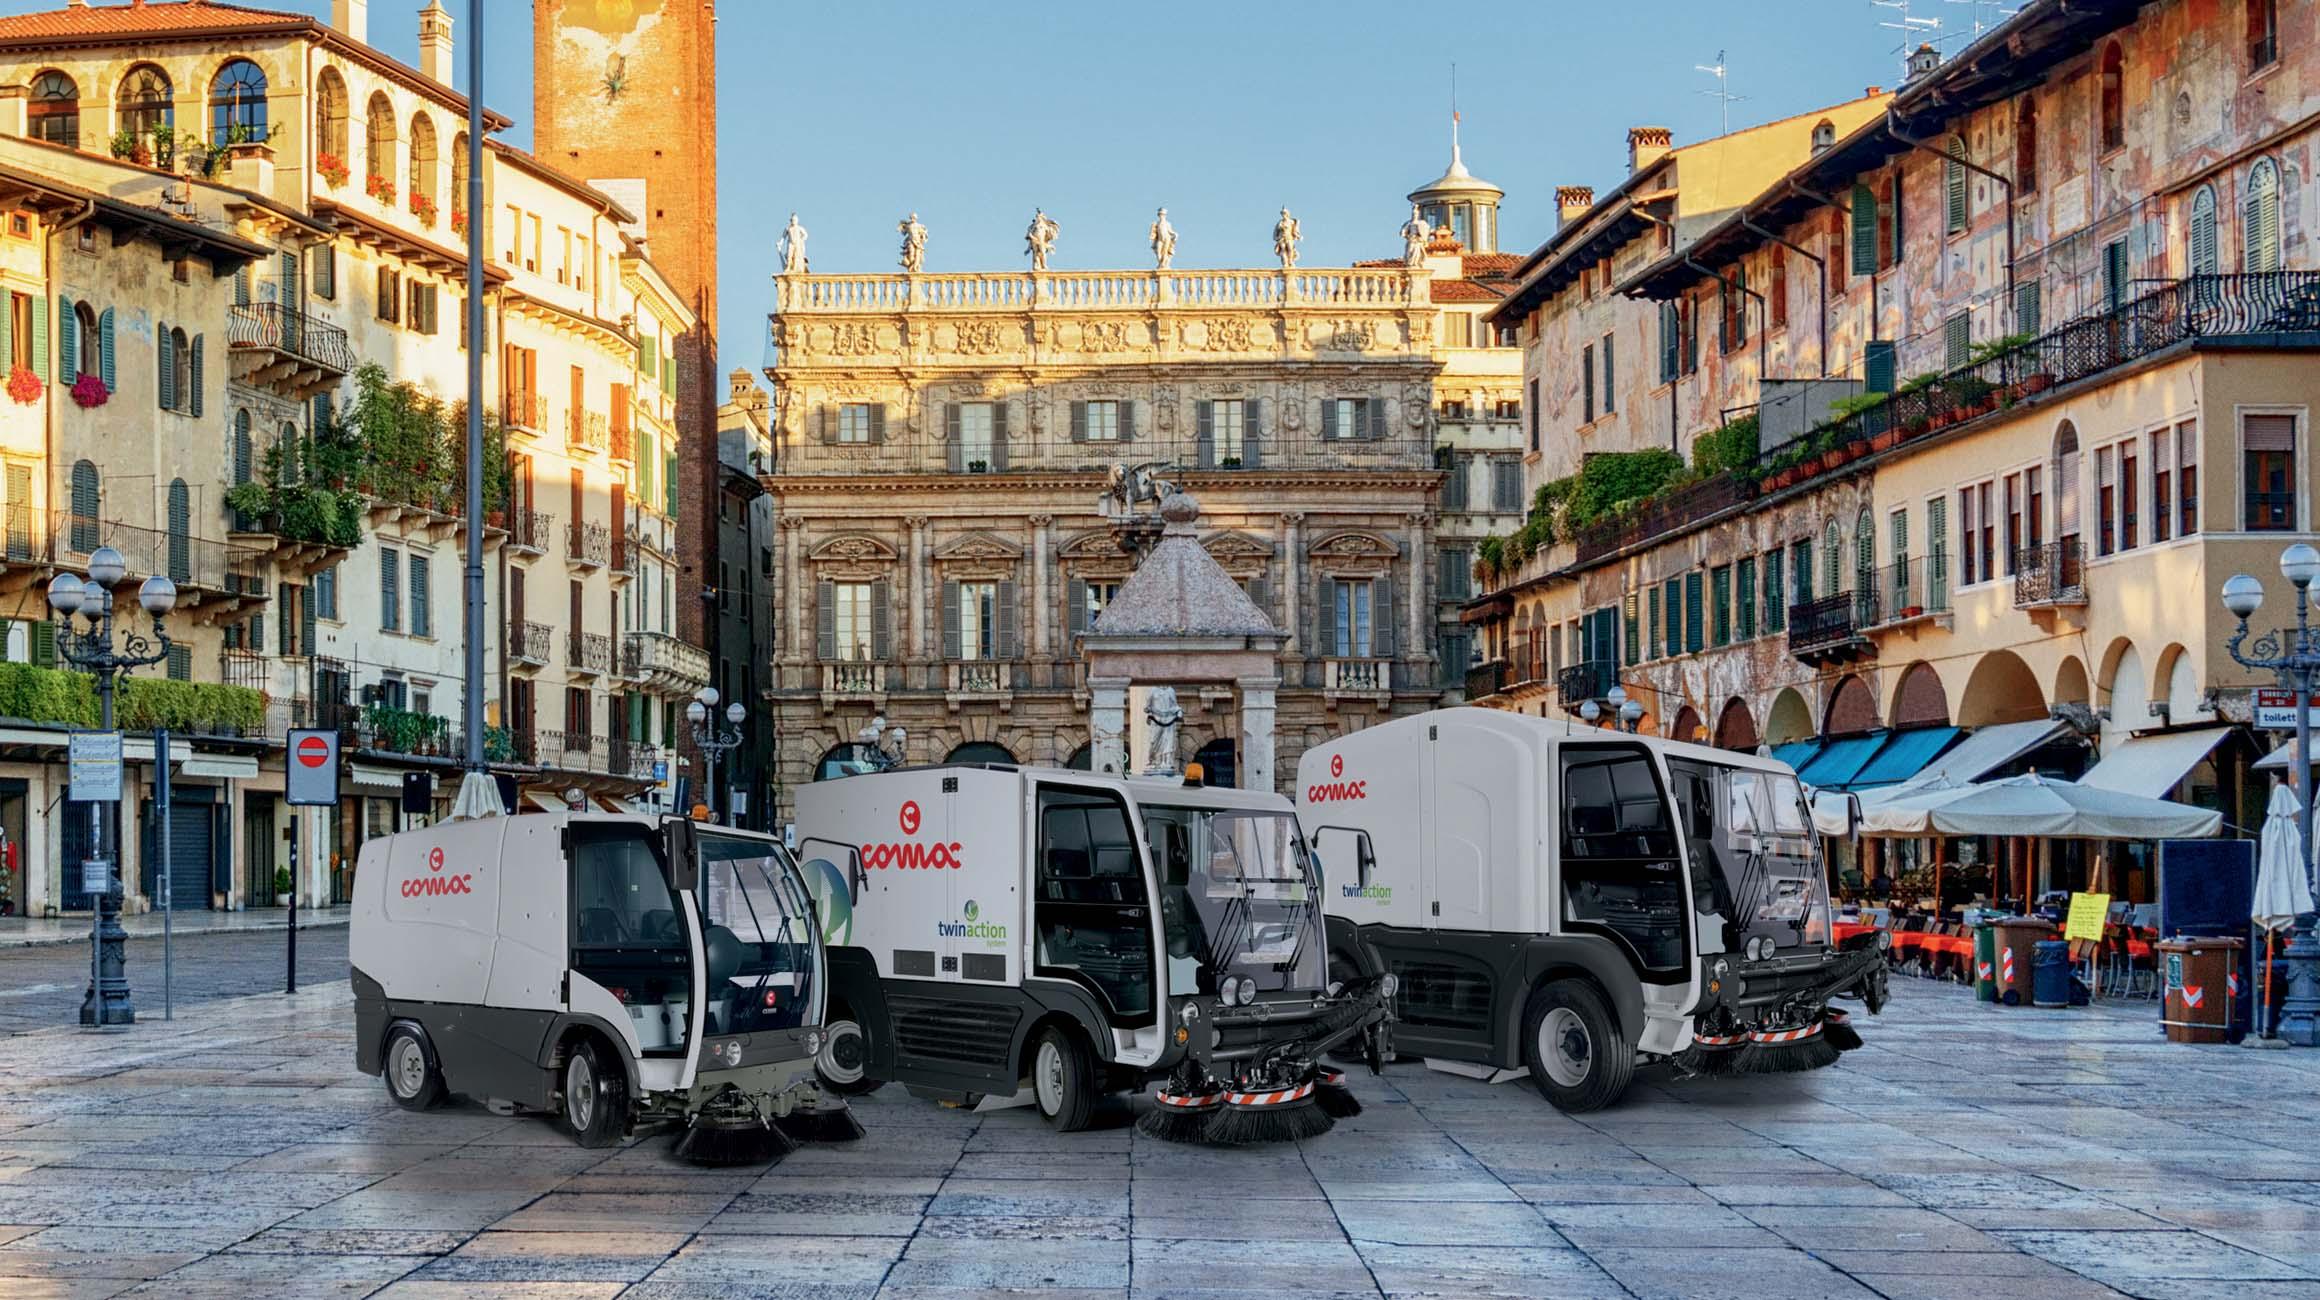 L'innovazione al servizio del pulito: Comac presenta una nuova gamma per l'igiene urbana